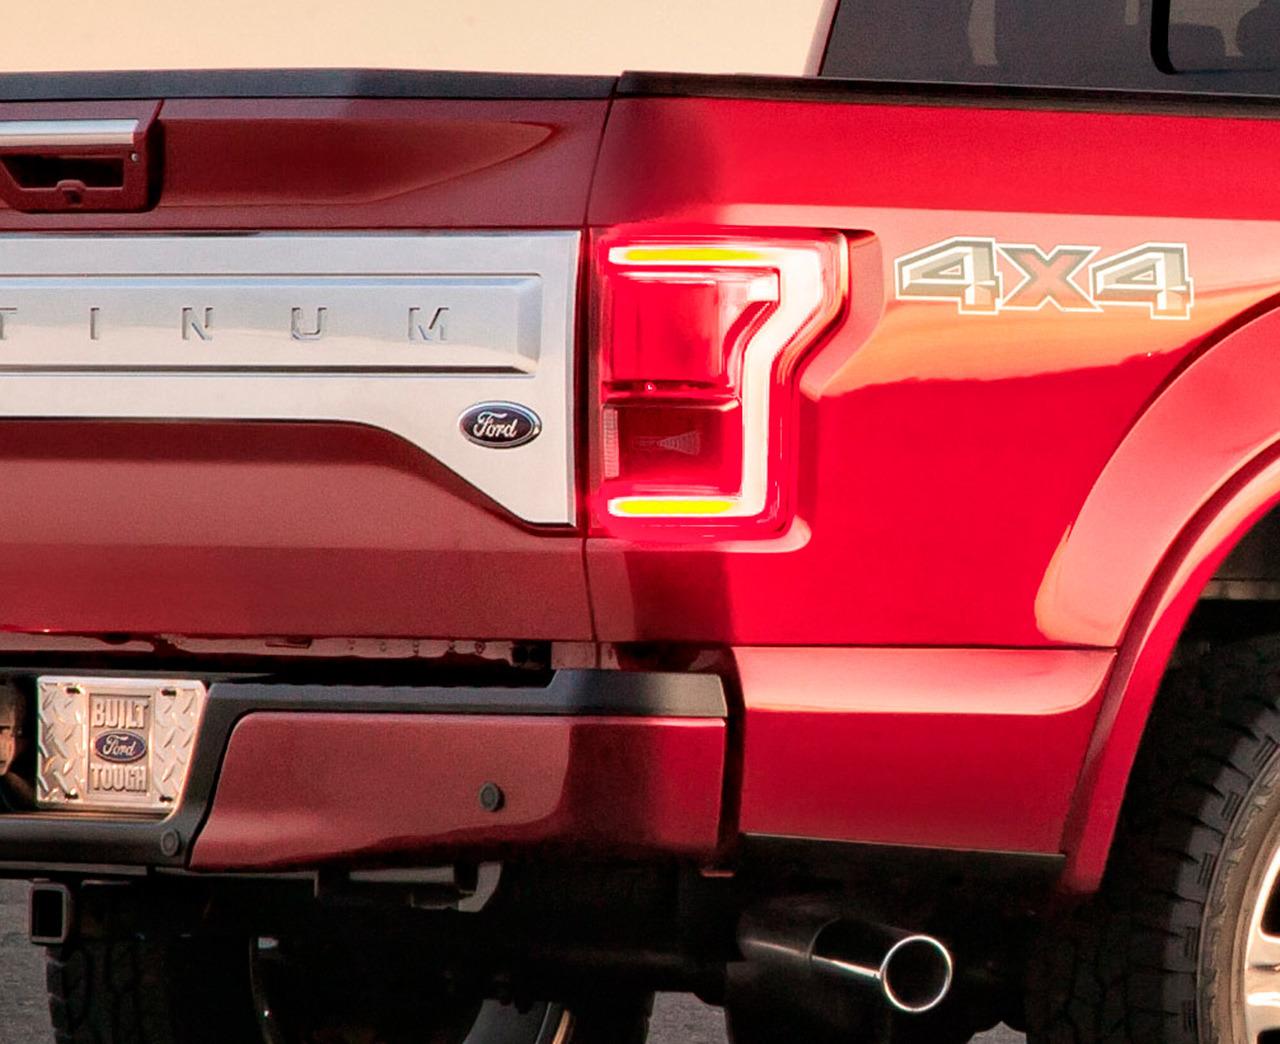 El conjunto de luces de nuestro vehículo y su importancia